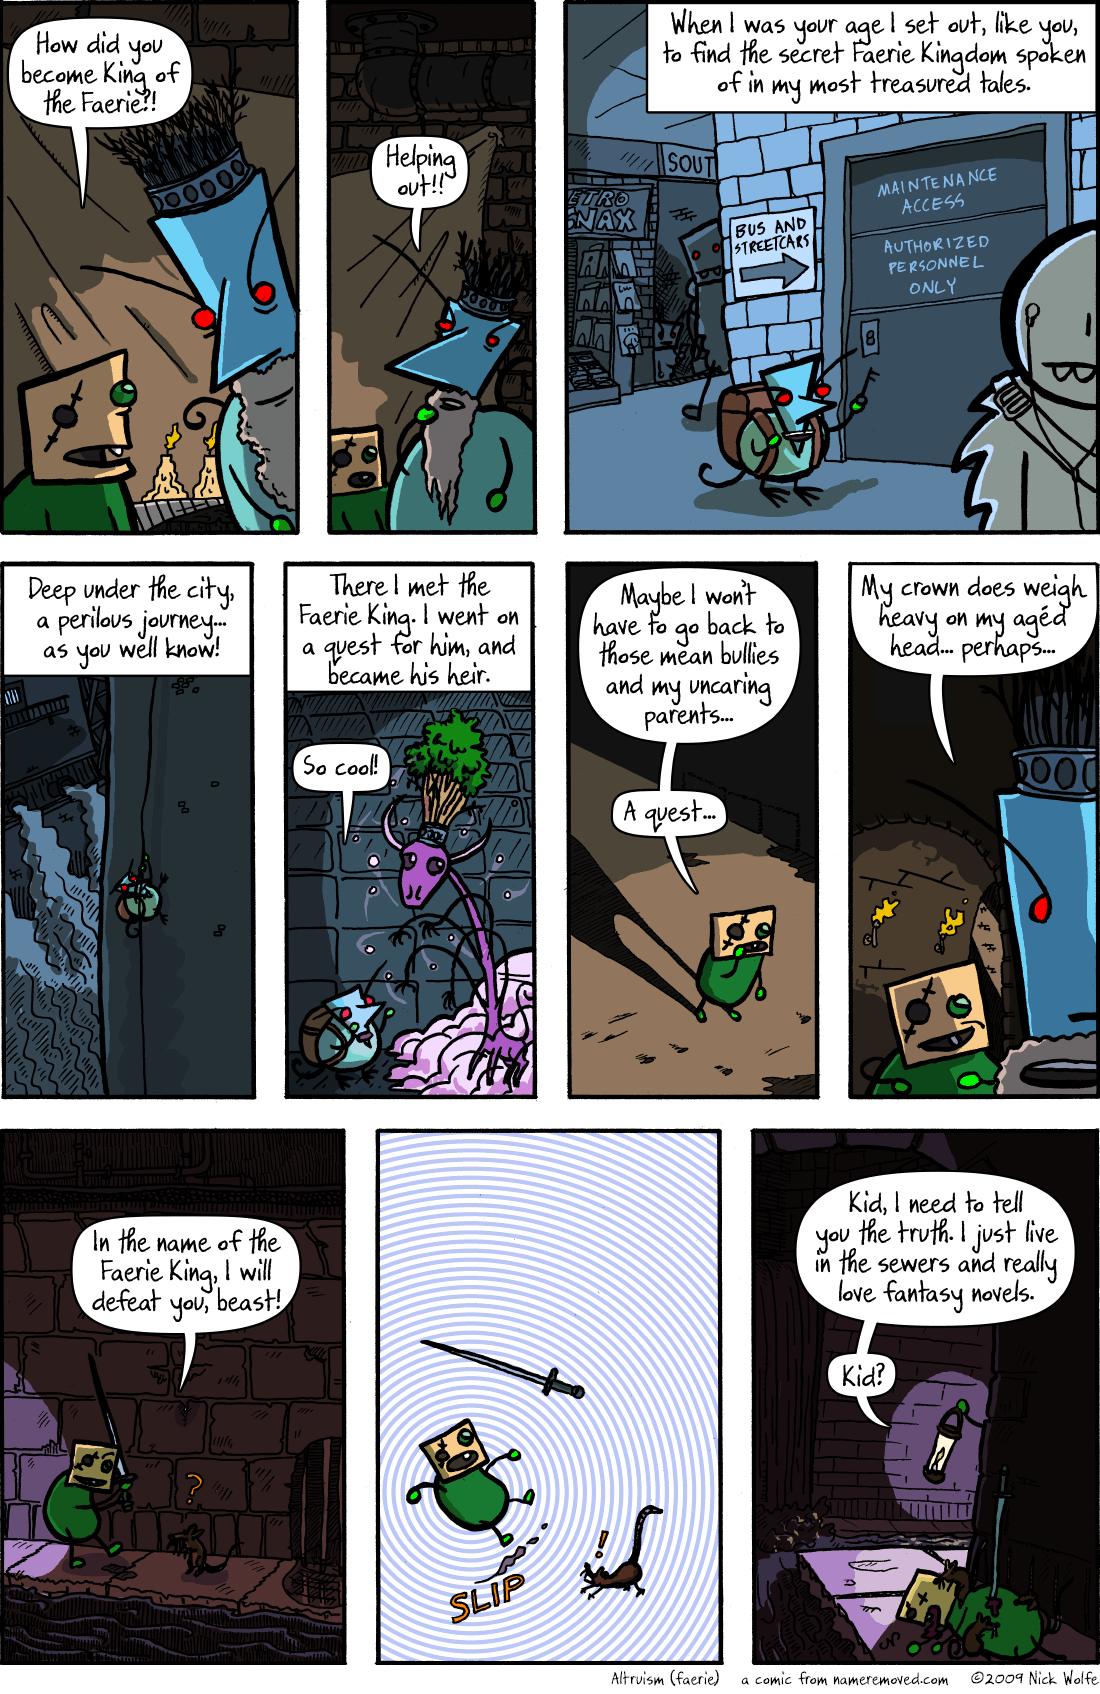 Altruism (faerie)